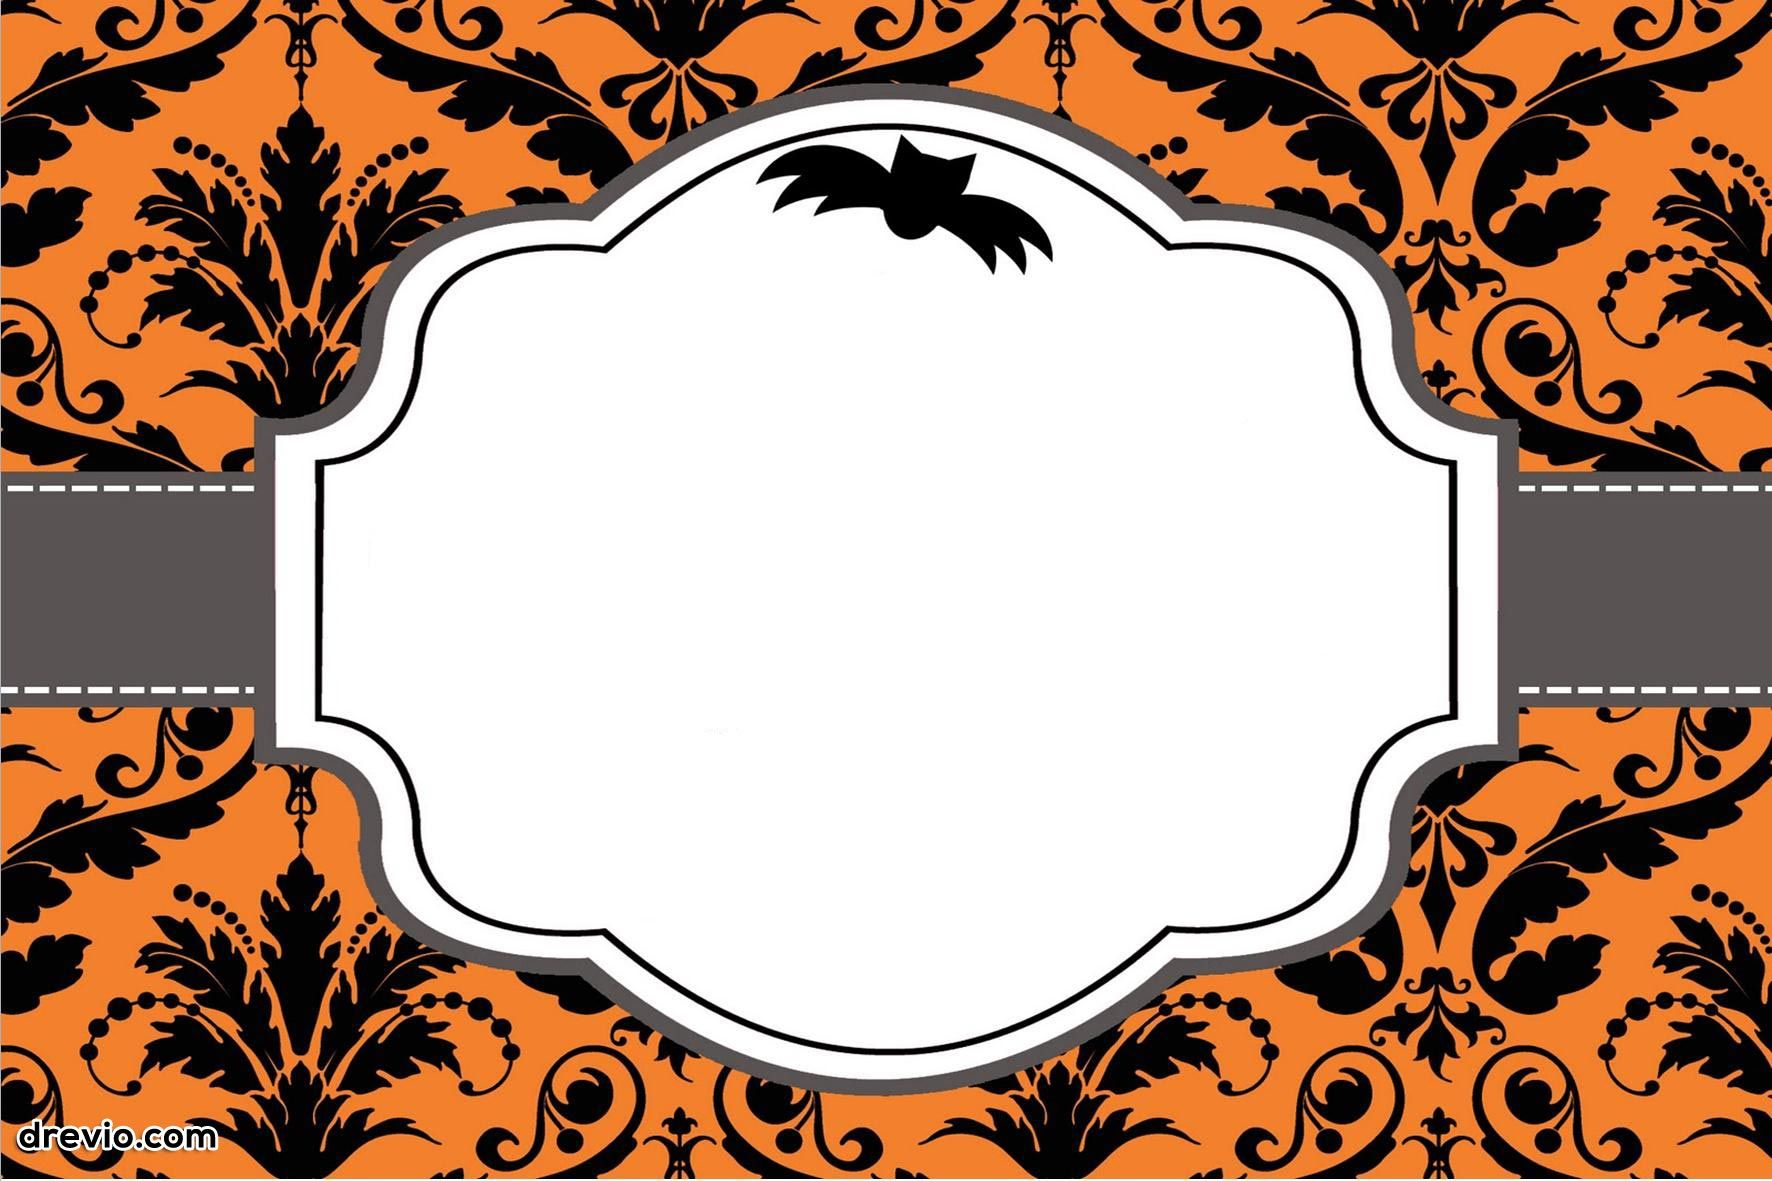 010 Free Halloween Invites Templates Template ~ Ulyssesroom - Free Printable Halloween Wedding Invitations